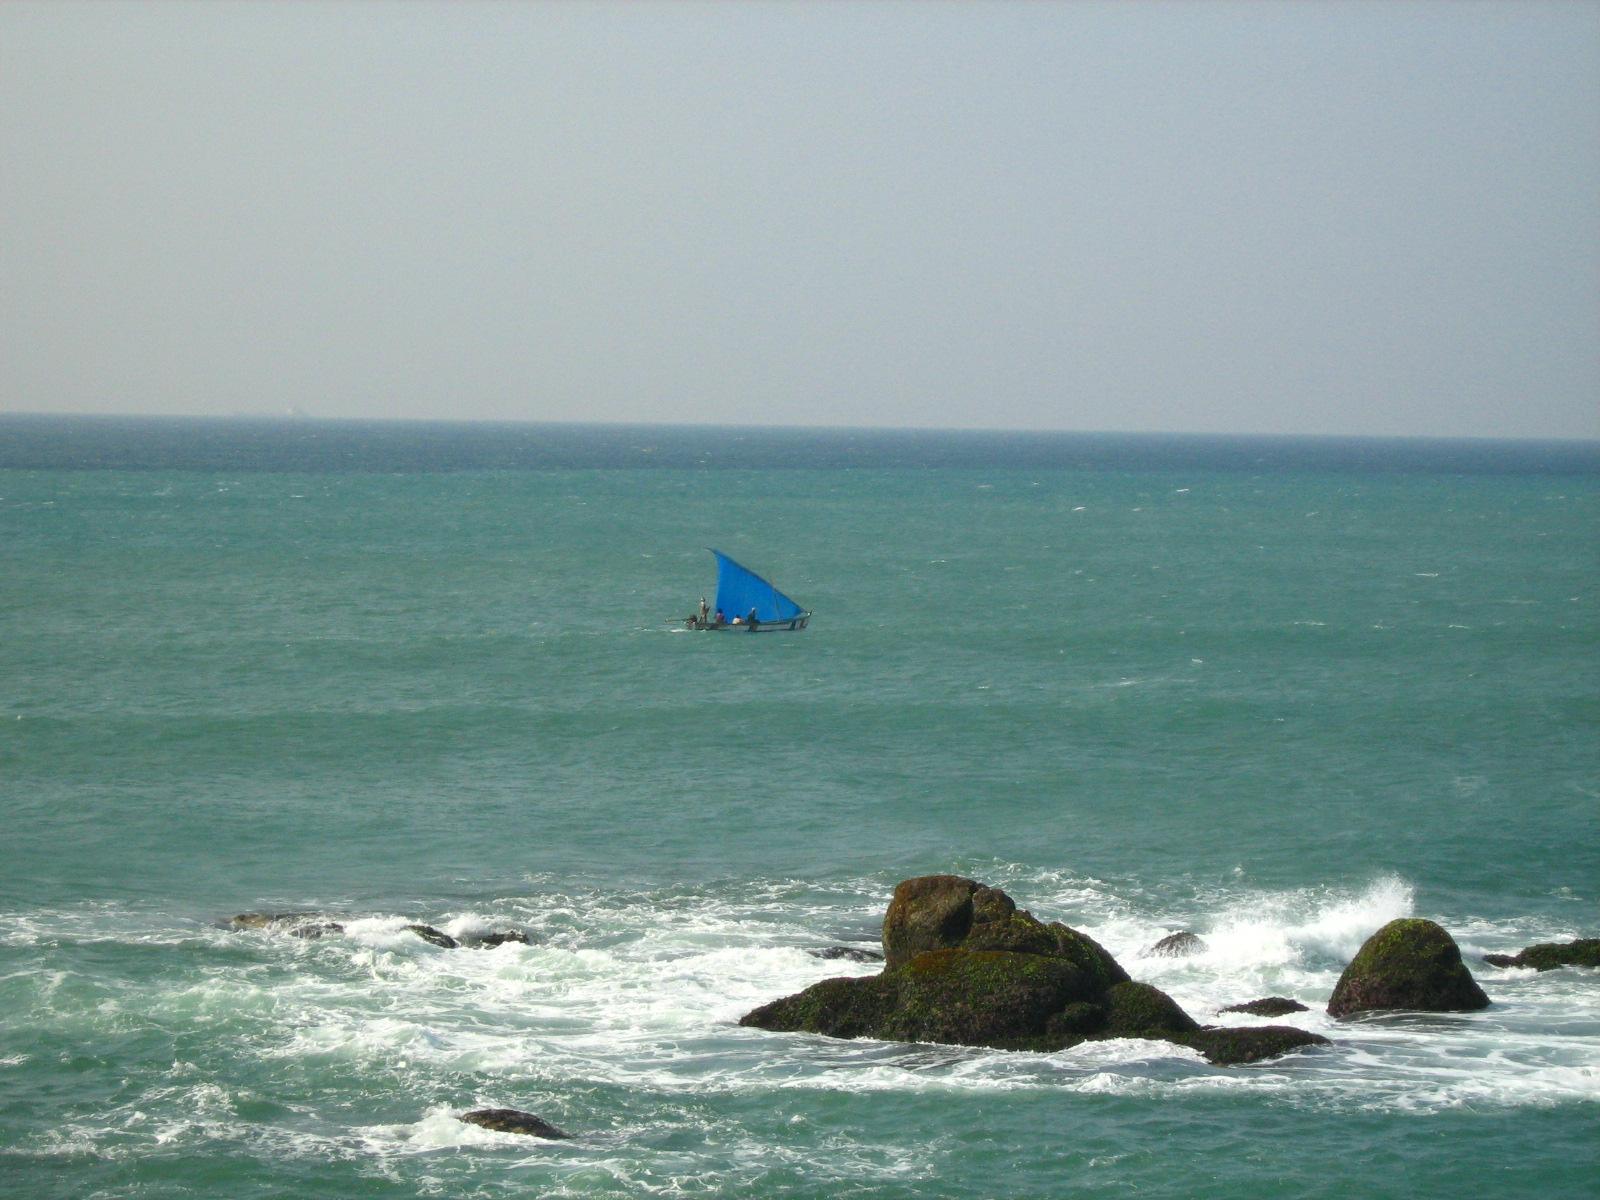 The sea at Kanyakumari